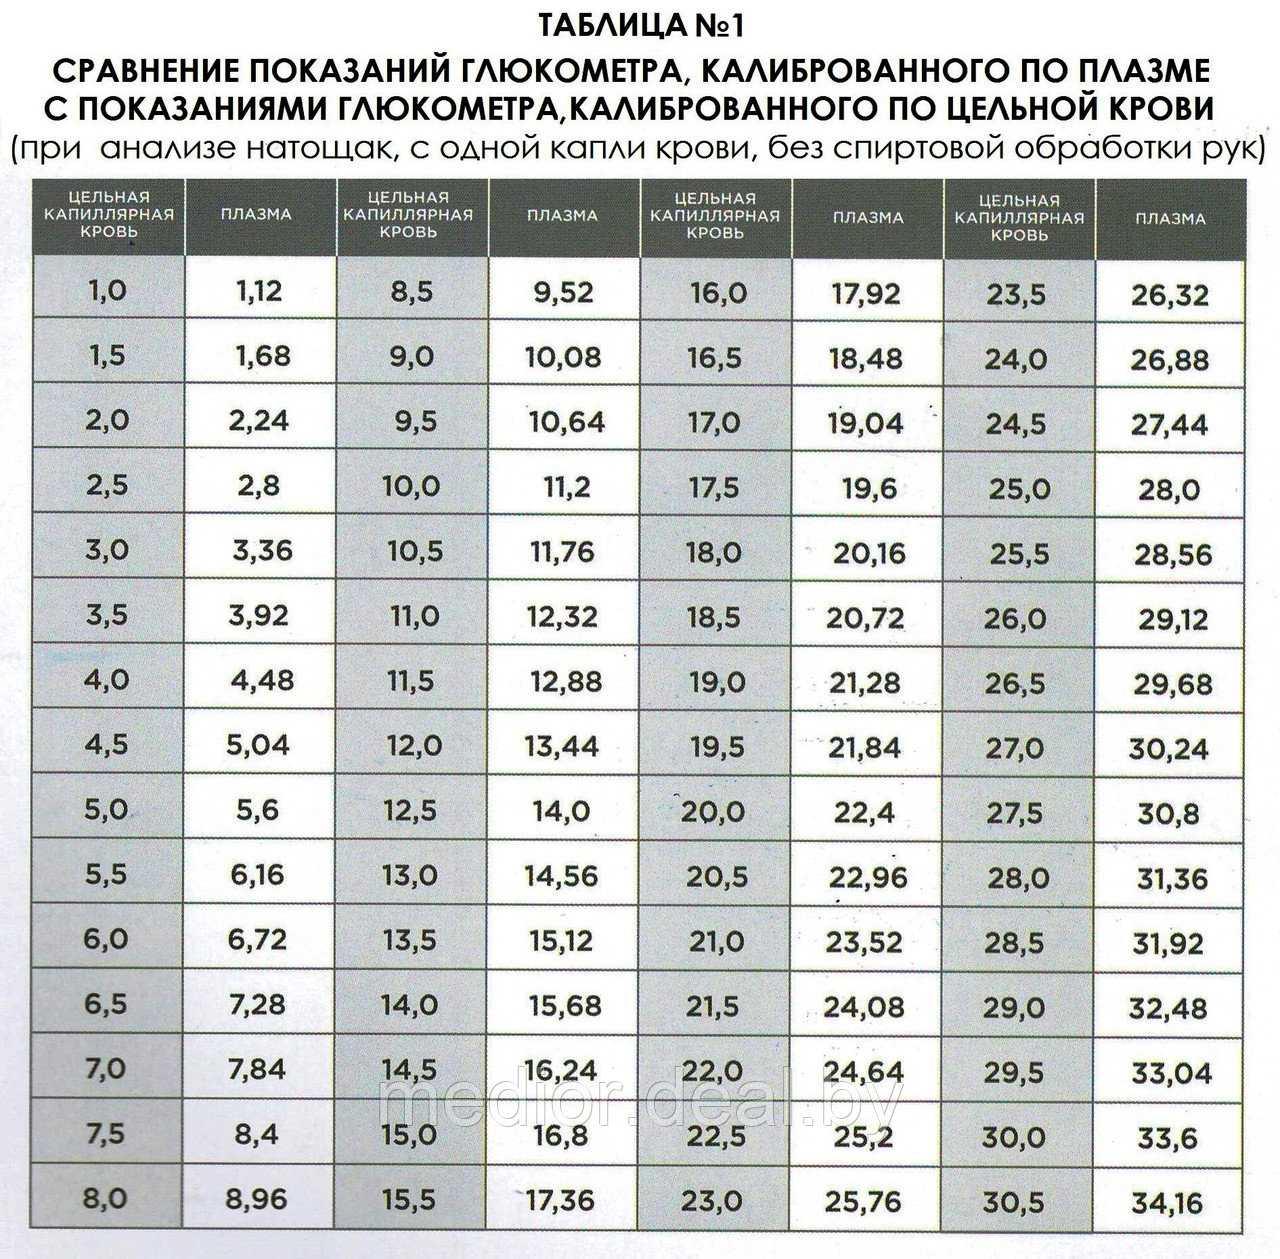 Как выбрать глюкометр для дома: какой лучше, рейтинг приборов